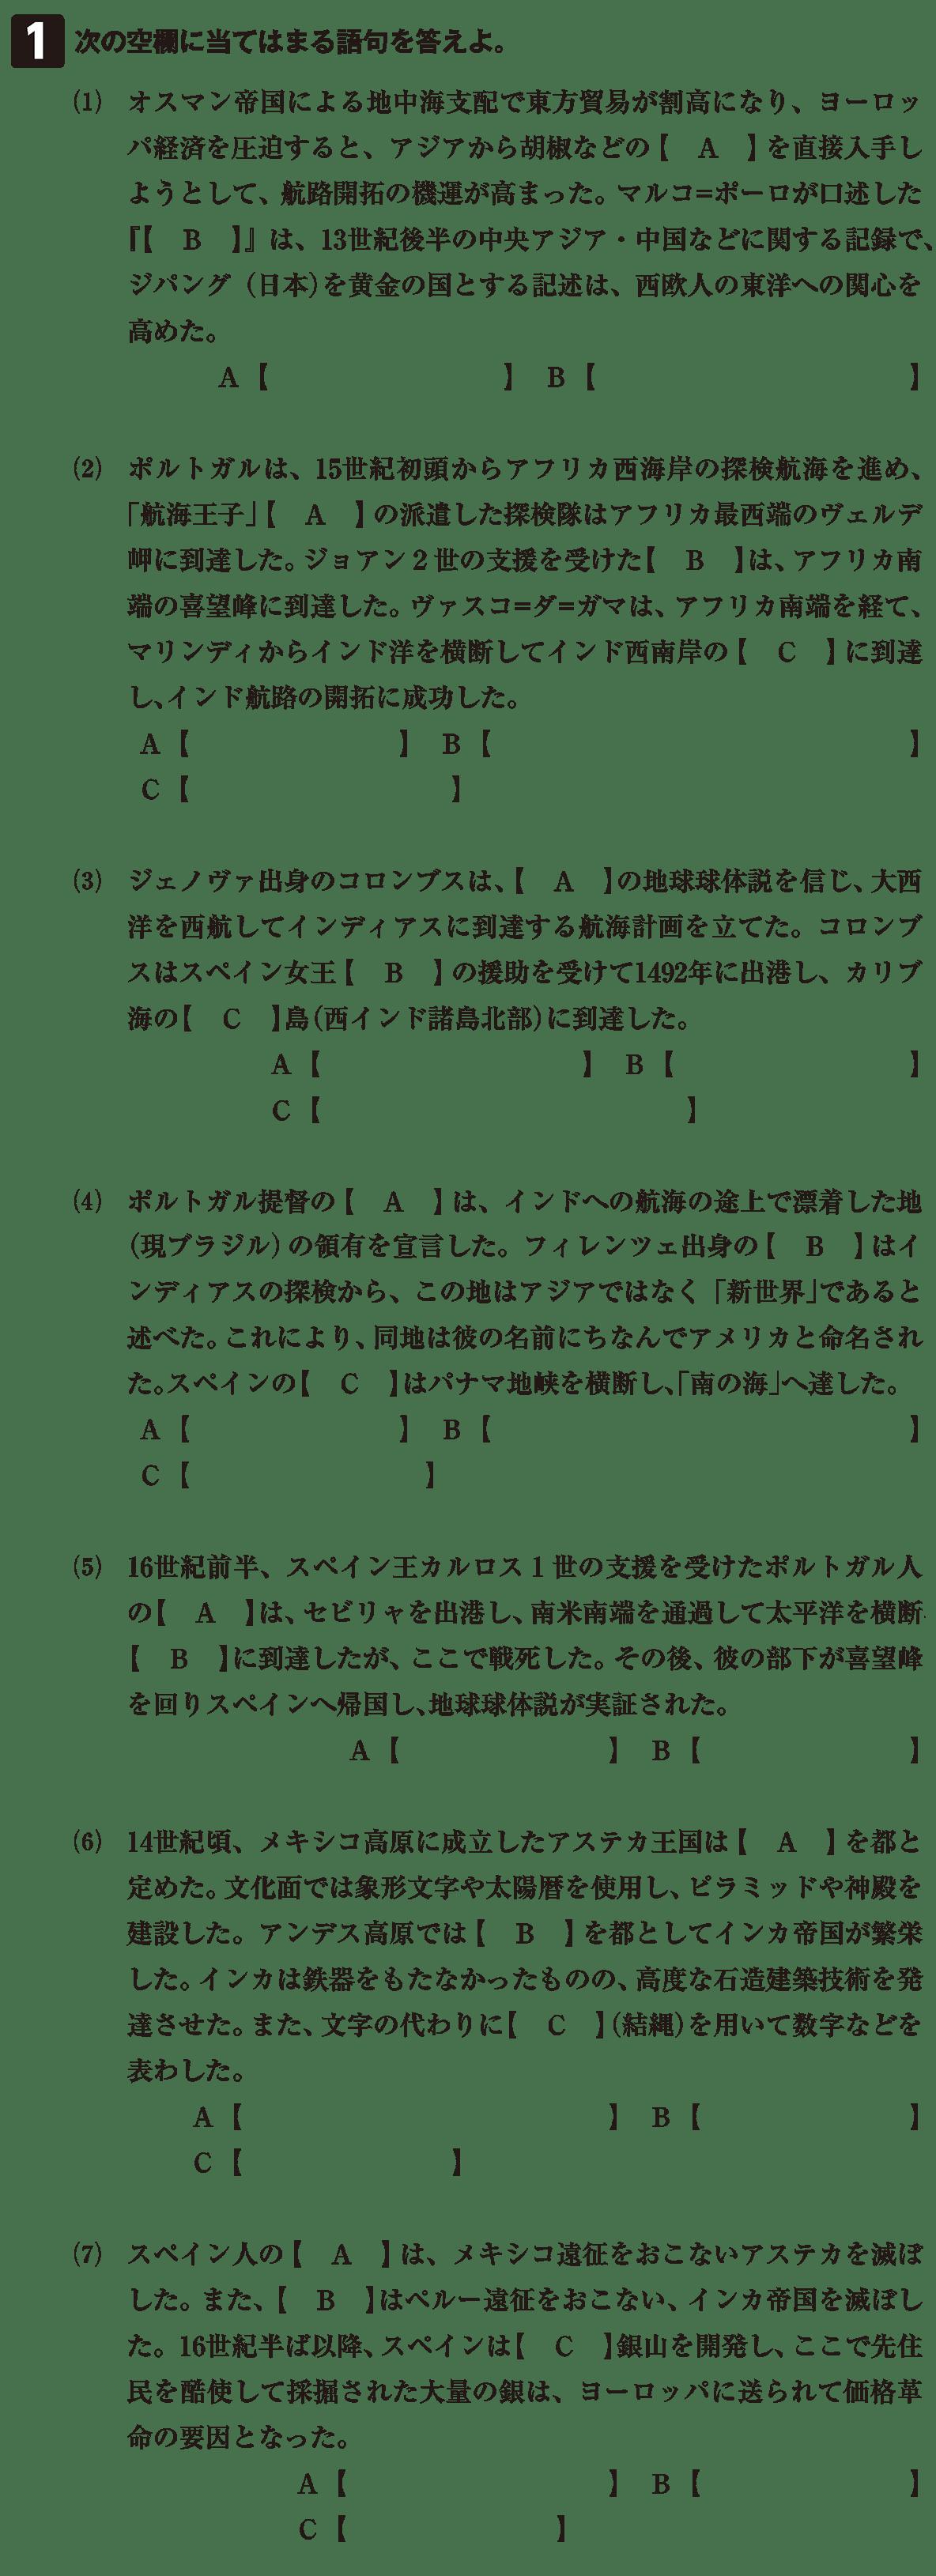 高校世界史 ルネサンスと大航海時代7 確認テスト(前半)